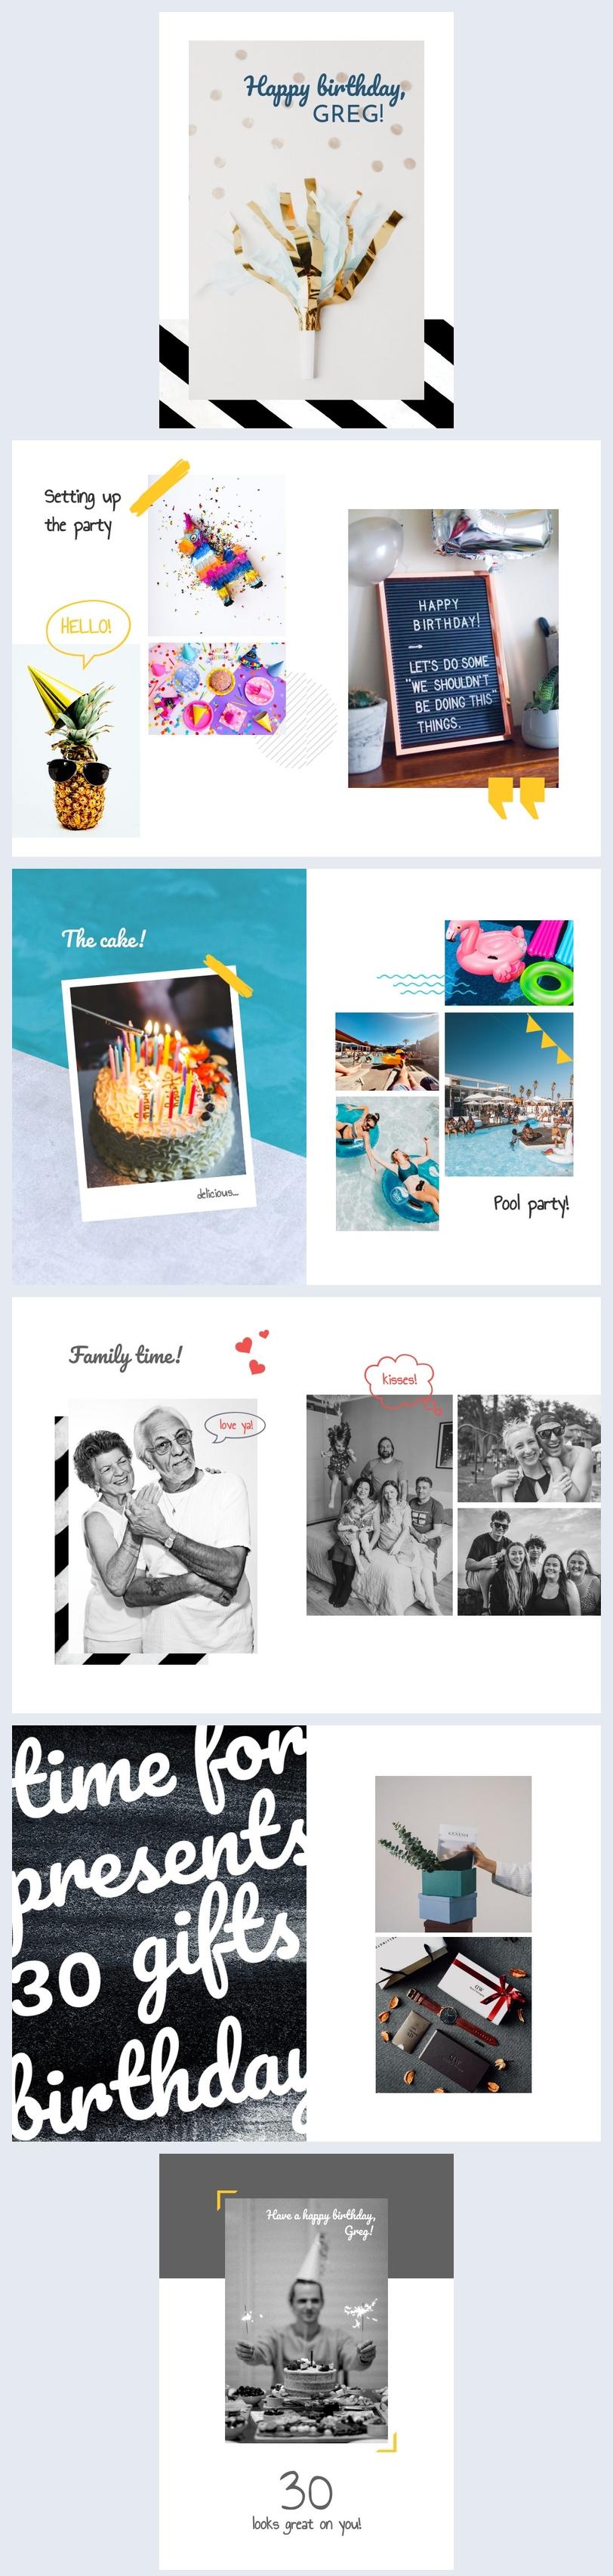 Modello di layout per album fotografico di compleanno